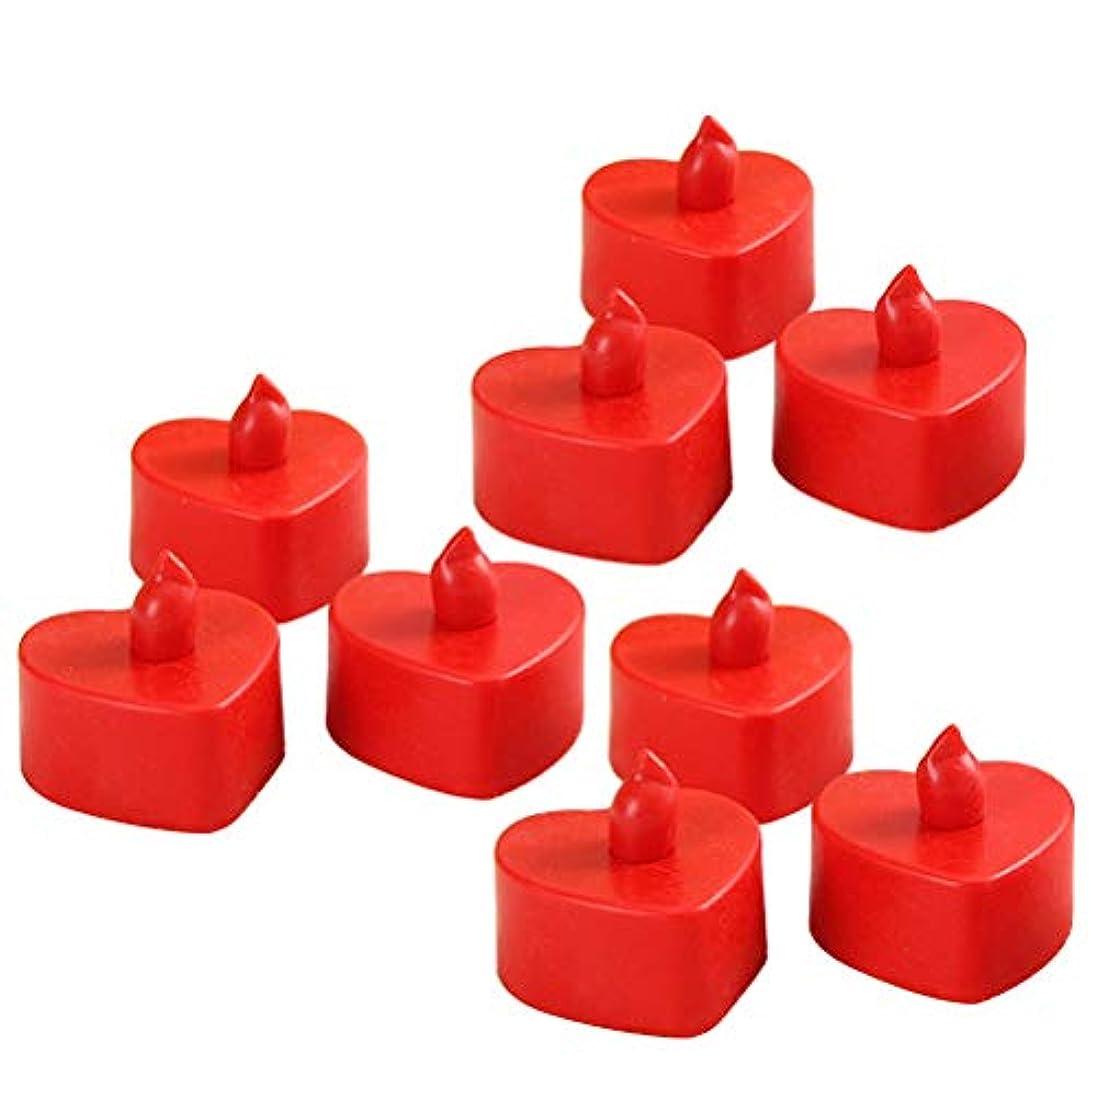 中古ユーモラス見物人BESTOYARD 10個無炎キャンドルバッテリーは、キャンドルウェディングパーティフェスティバルの装飾(赤いシェルの赤い光)